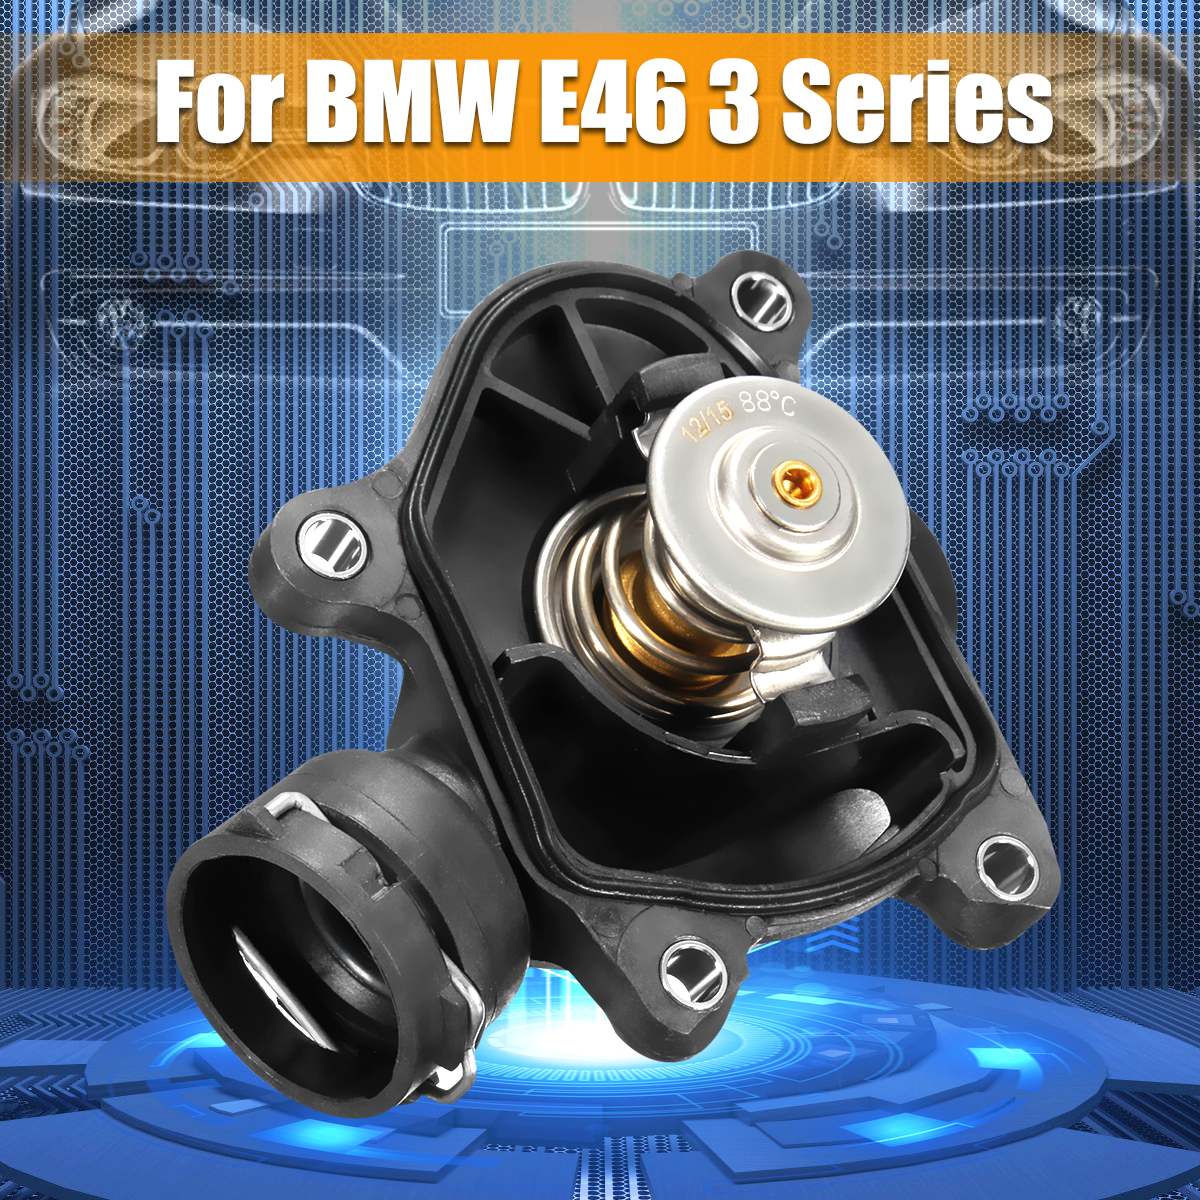 السيارات سيارة ترموستات + الإسكان ل BMW E46 E60 E61 X5 1 3 5 6 7 سلسلة 2003-2016 11517787113